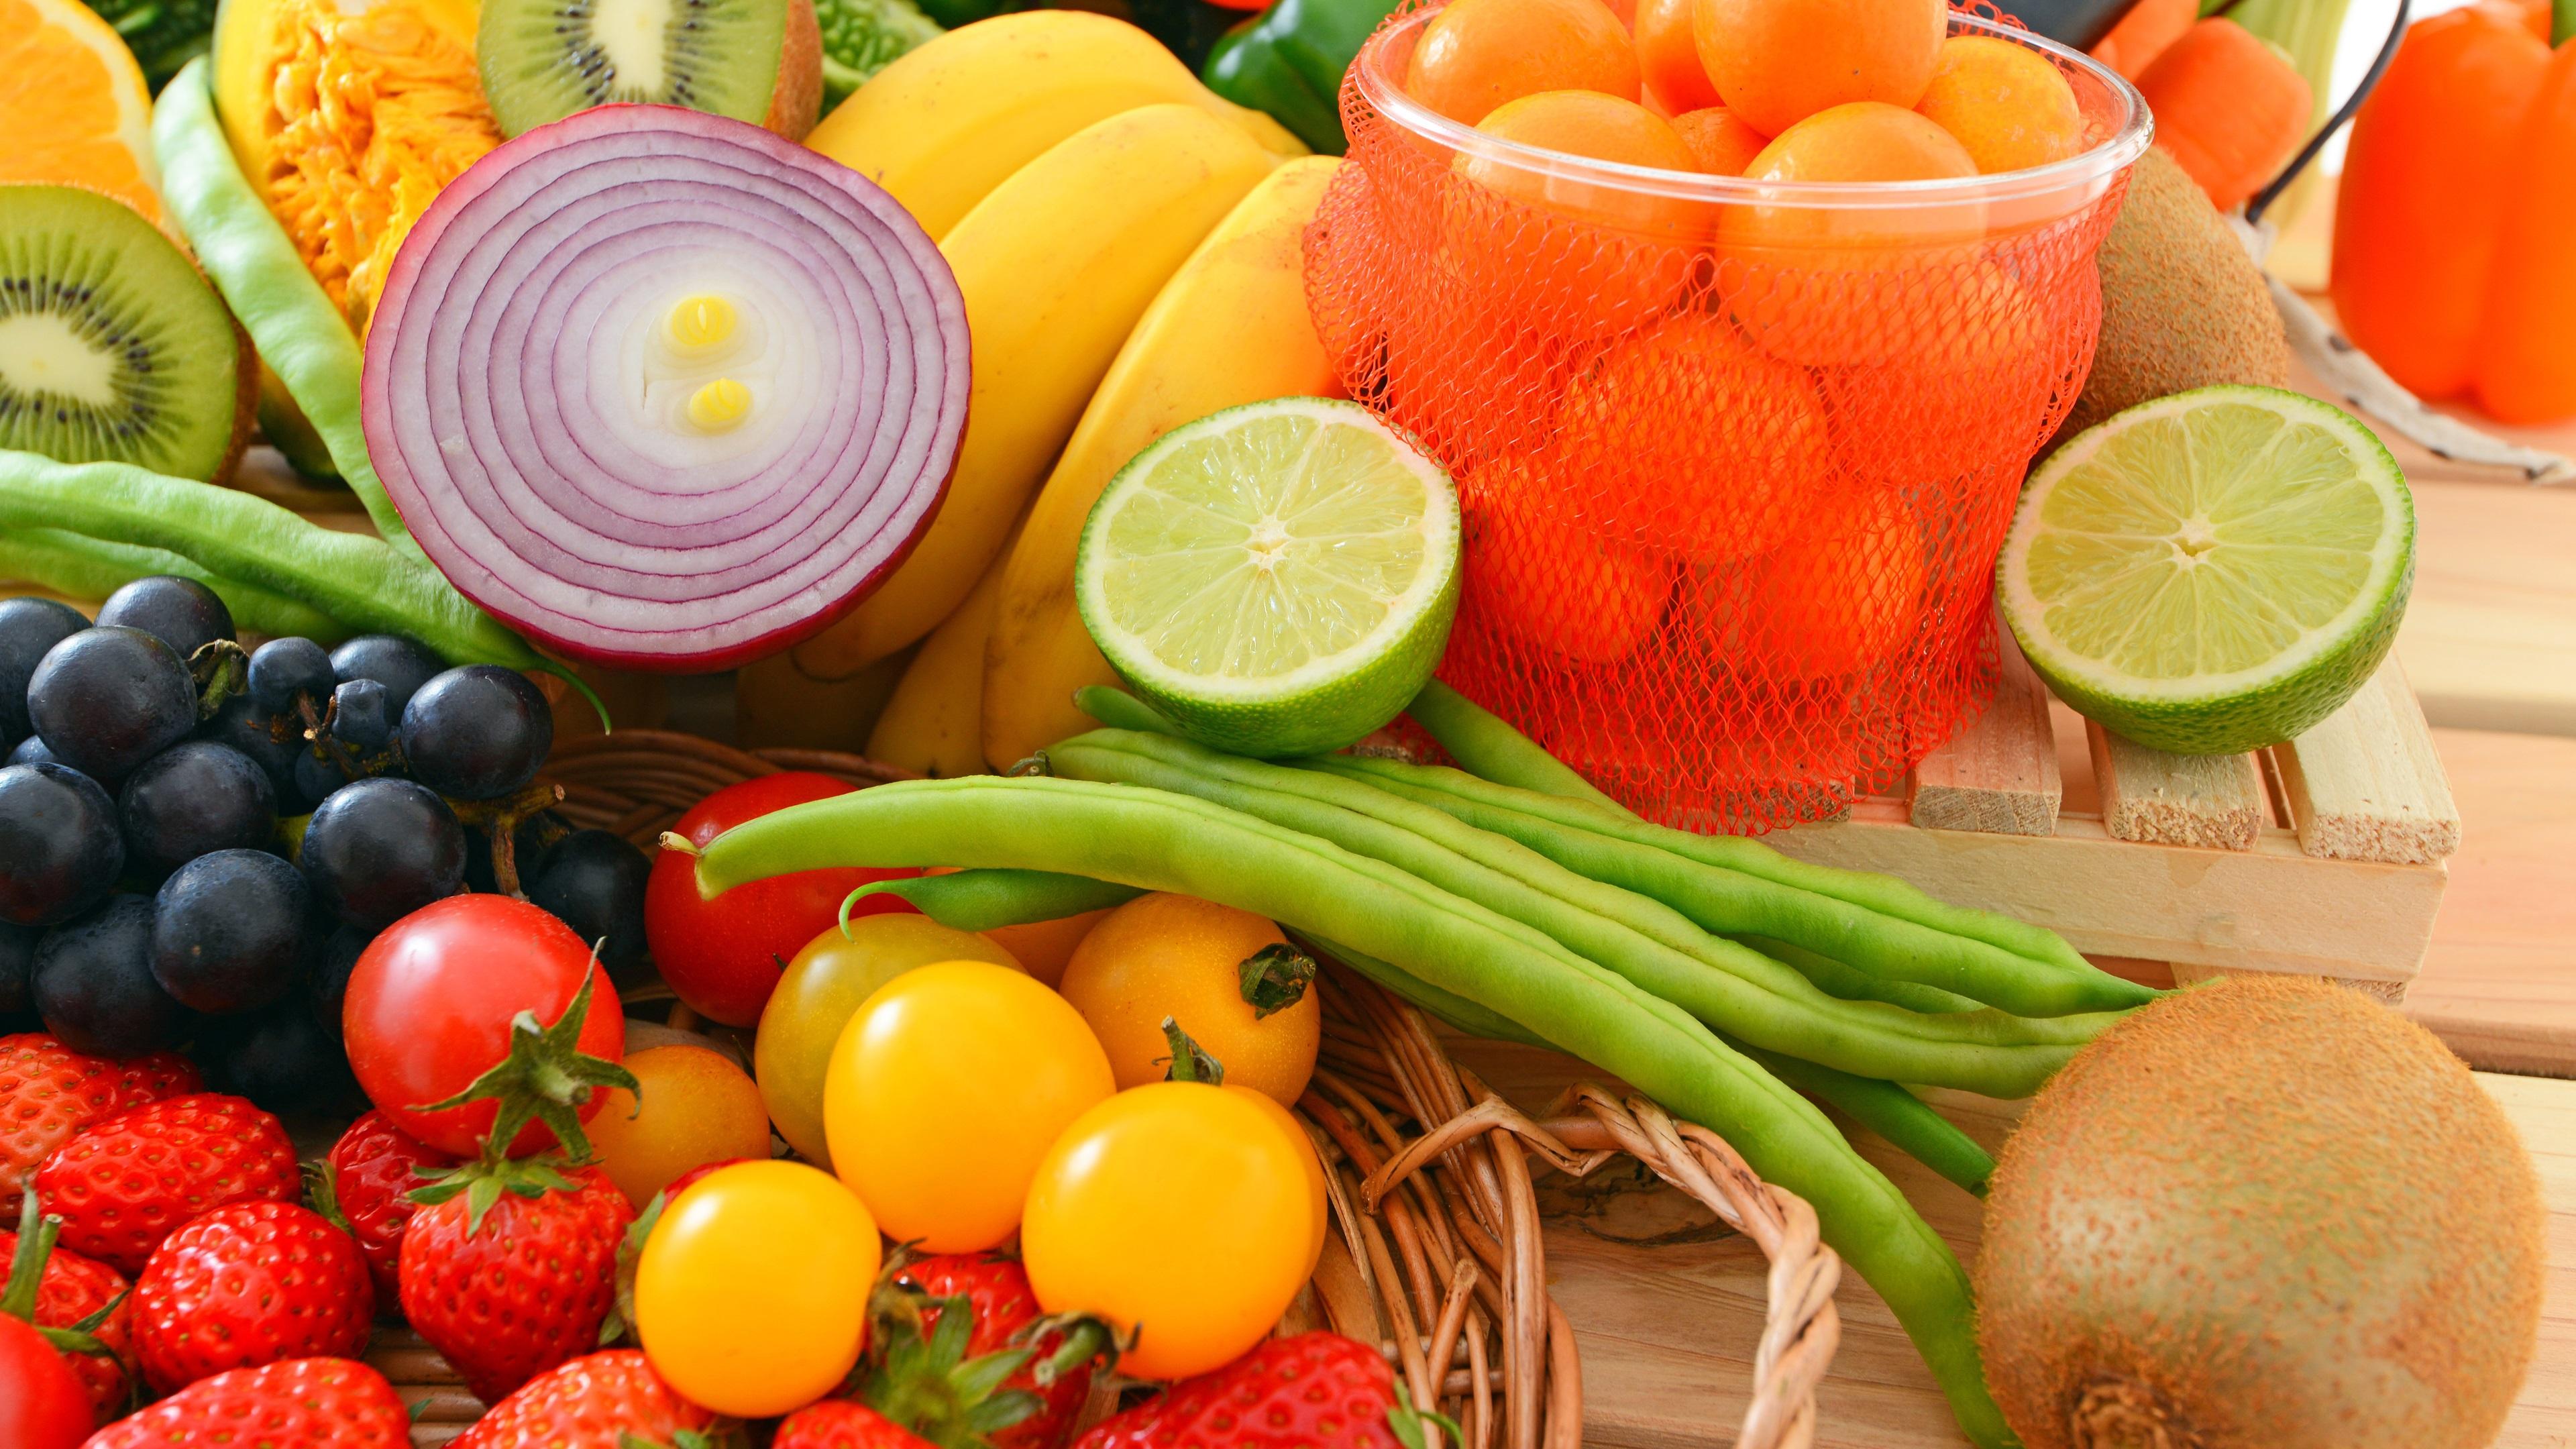 Фрукты с овощами смотреть